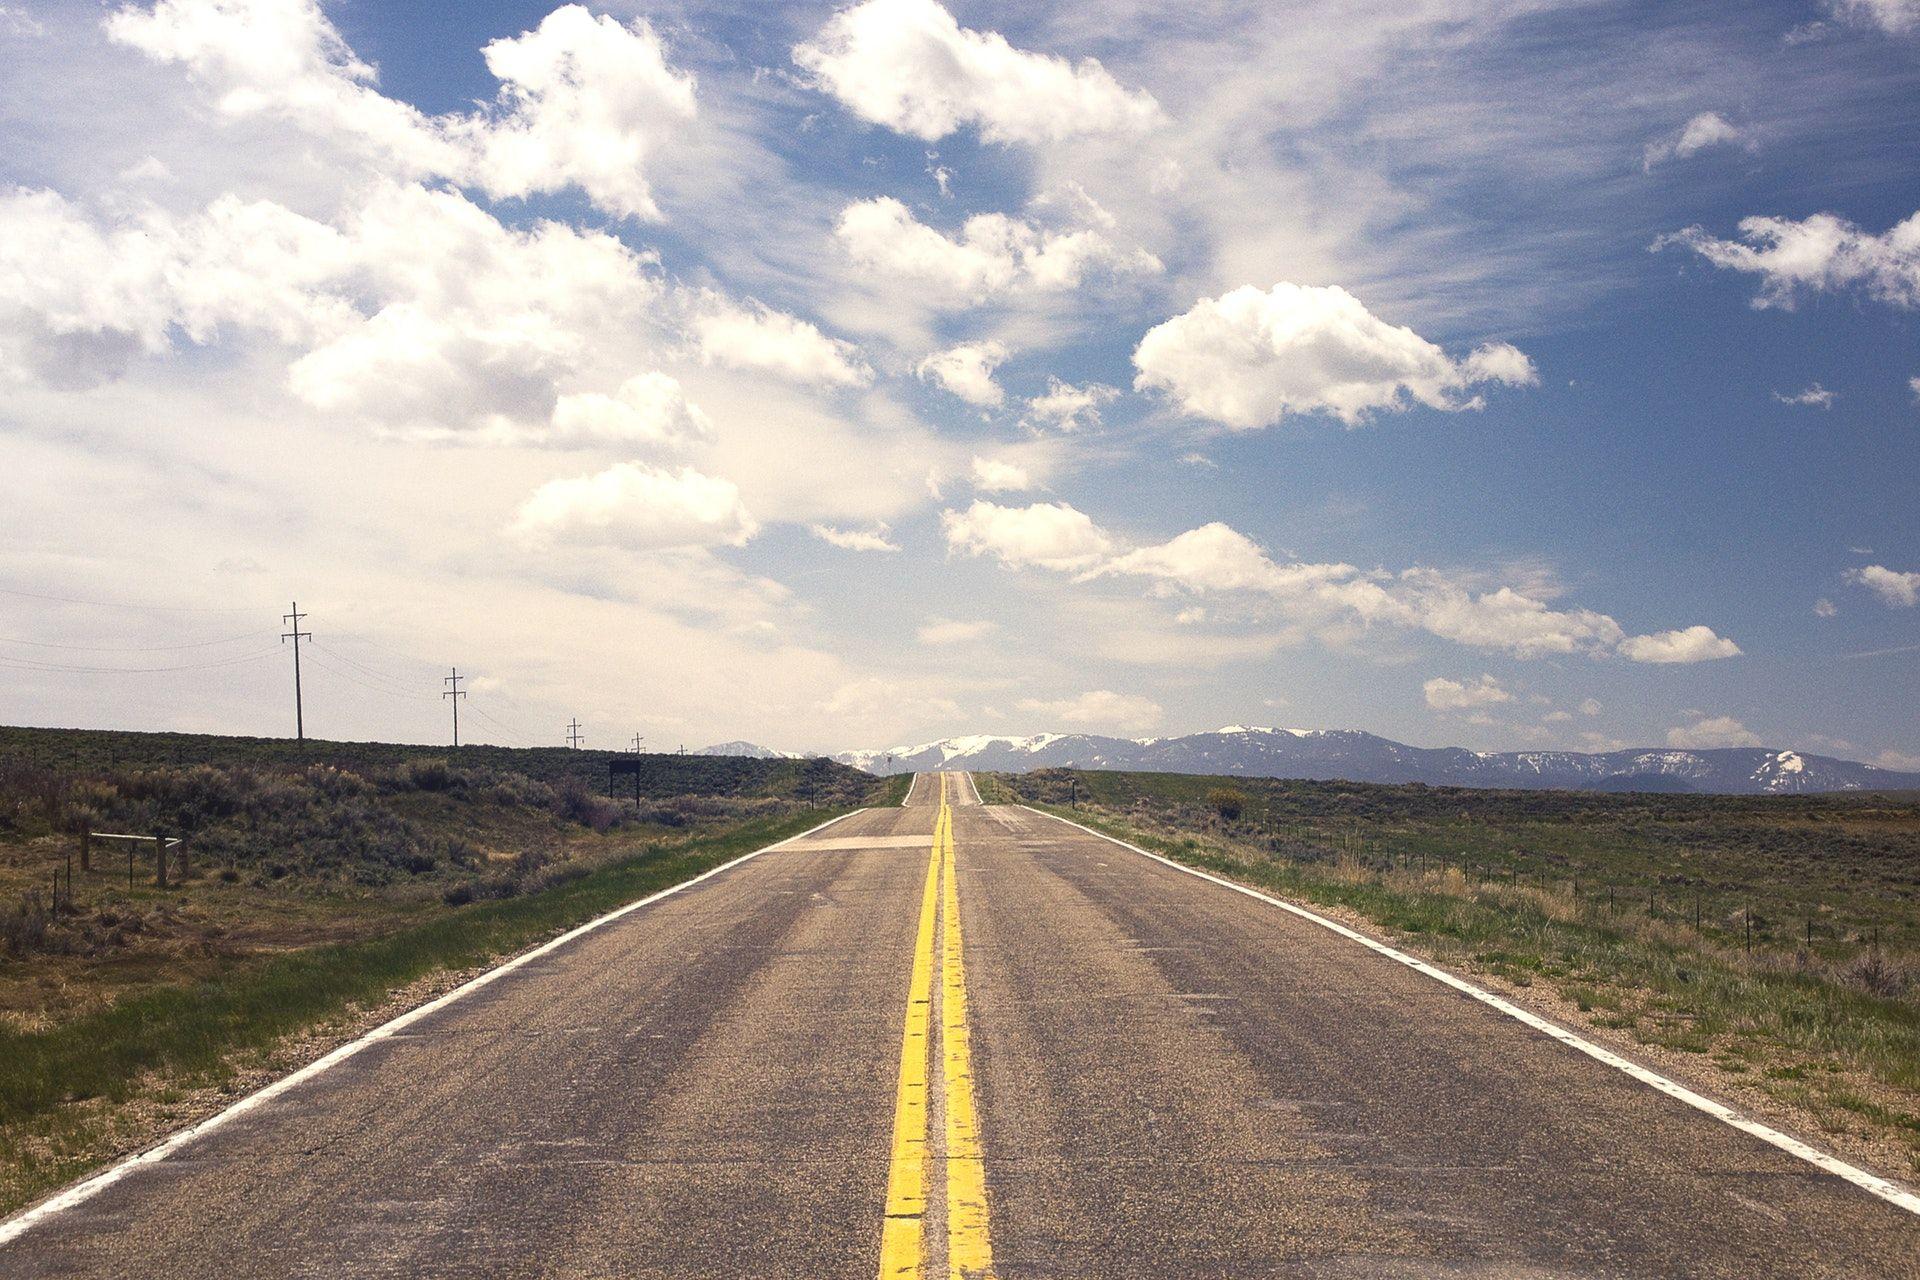 عکس زمینه آسفالت خاکستری جاده پس زمینه